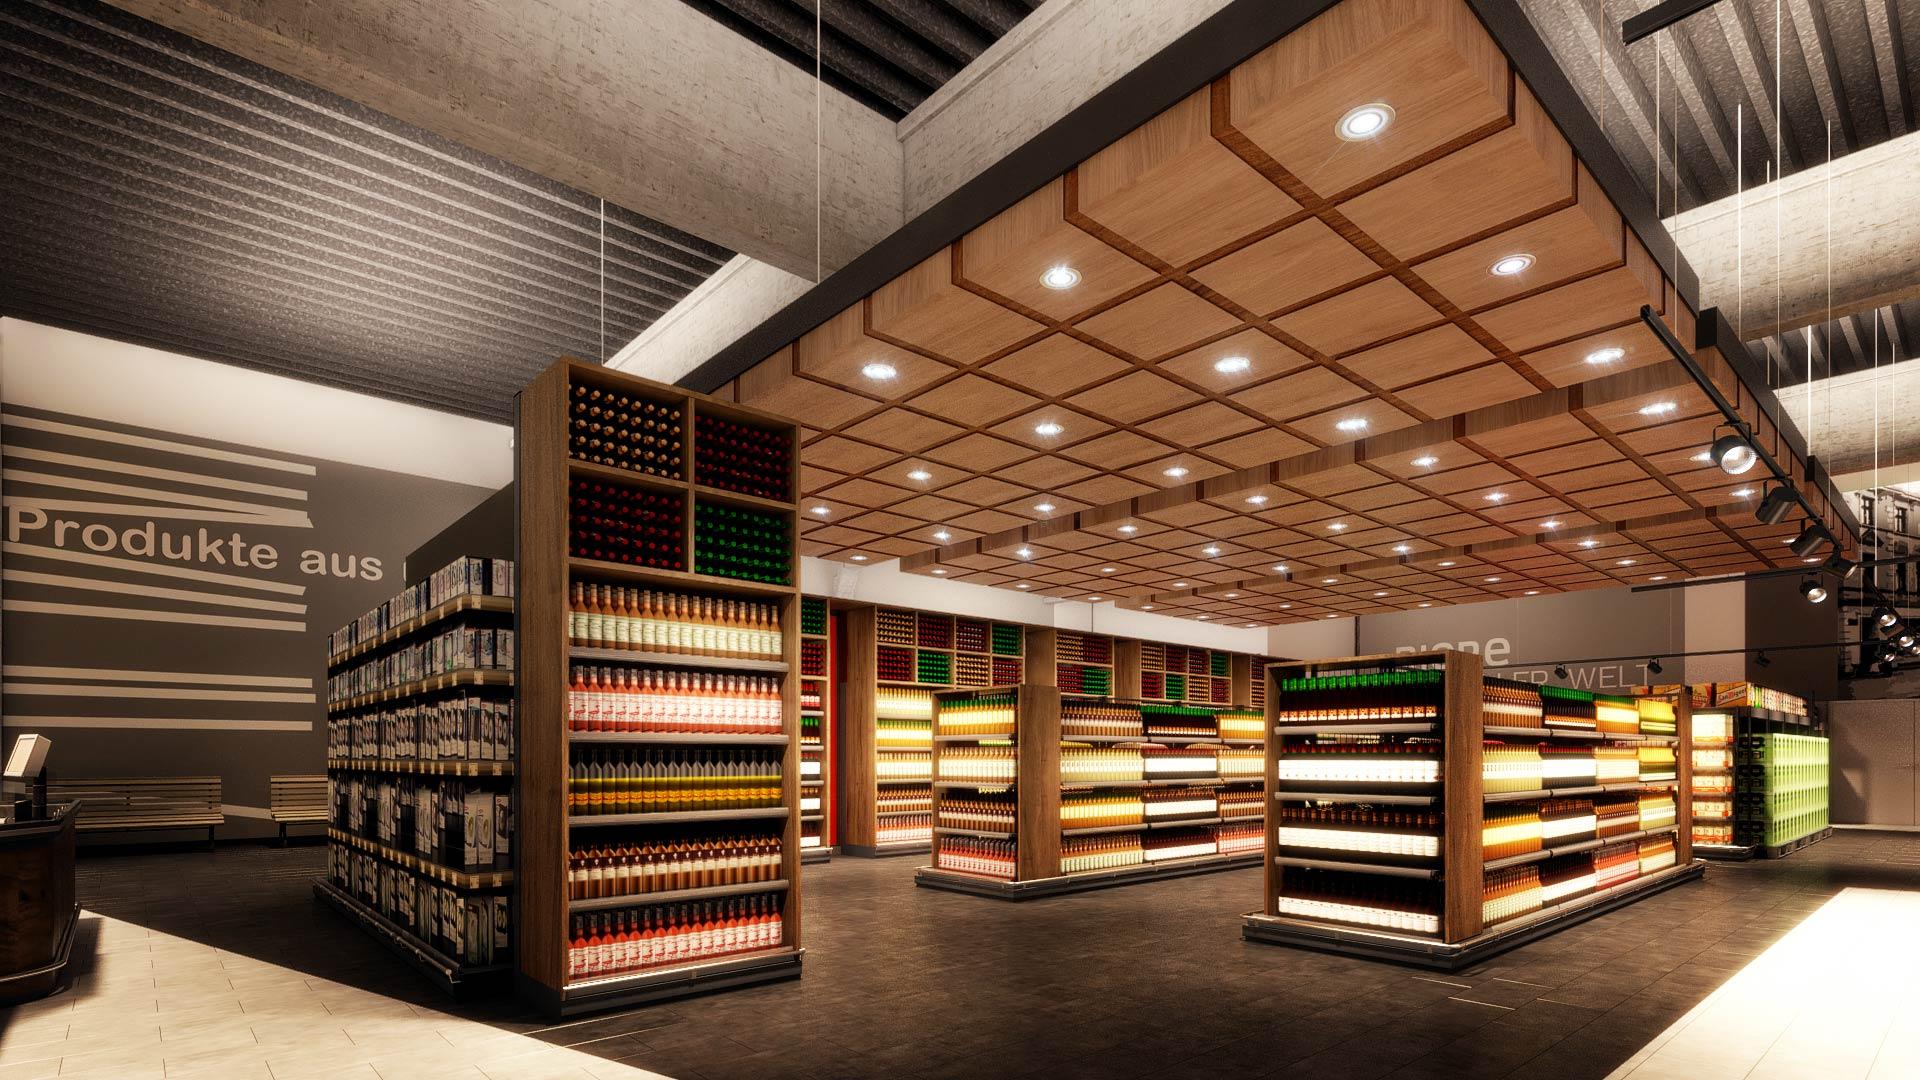 3D_Architekturvisualisierung_interior_EDEKA_Iserlohn_wein_Innenausbau EDEKA Iserlohn Innenarchitektur